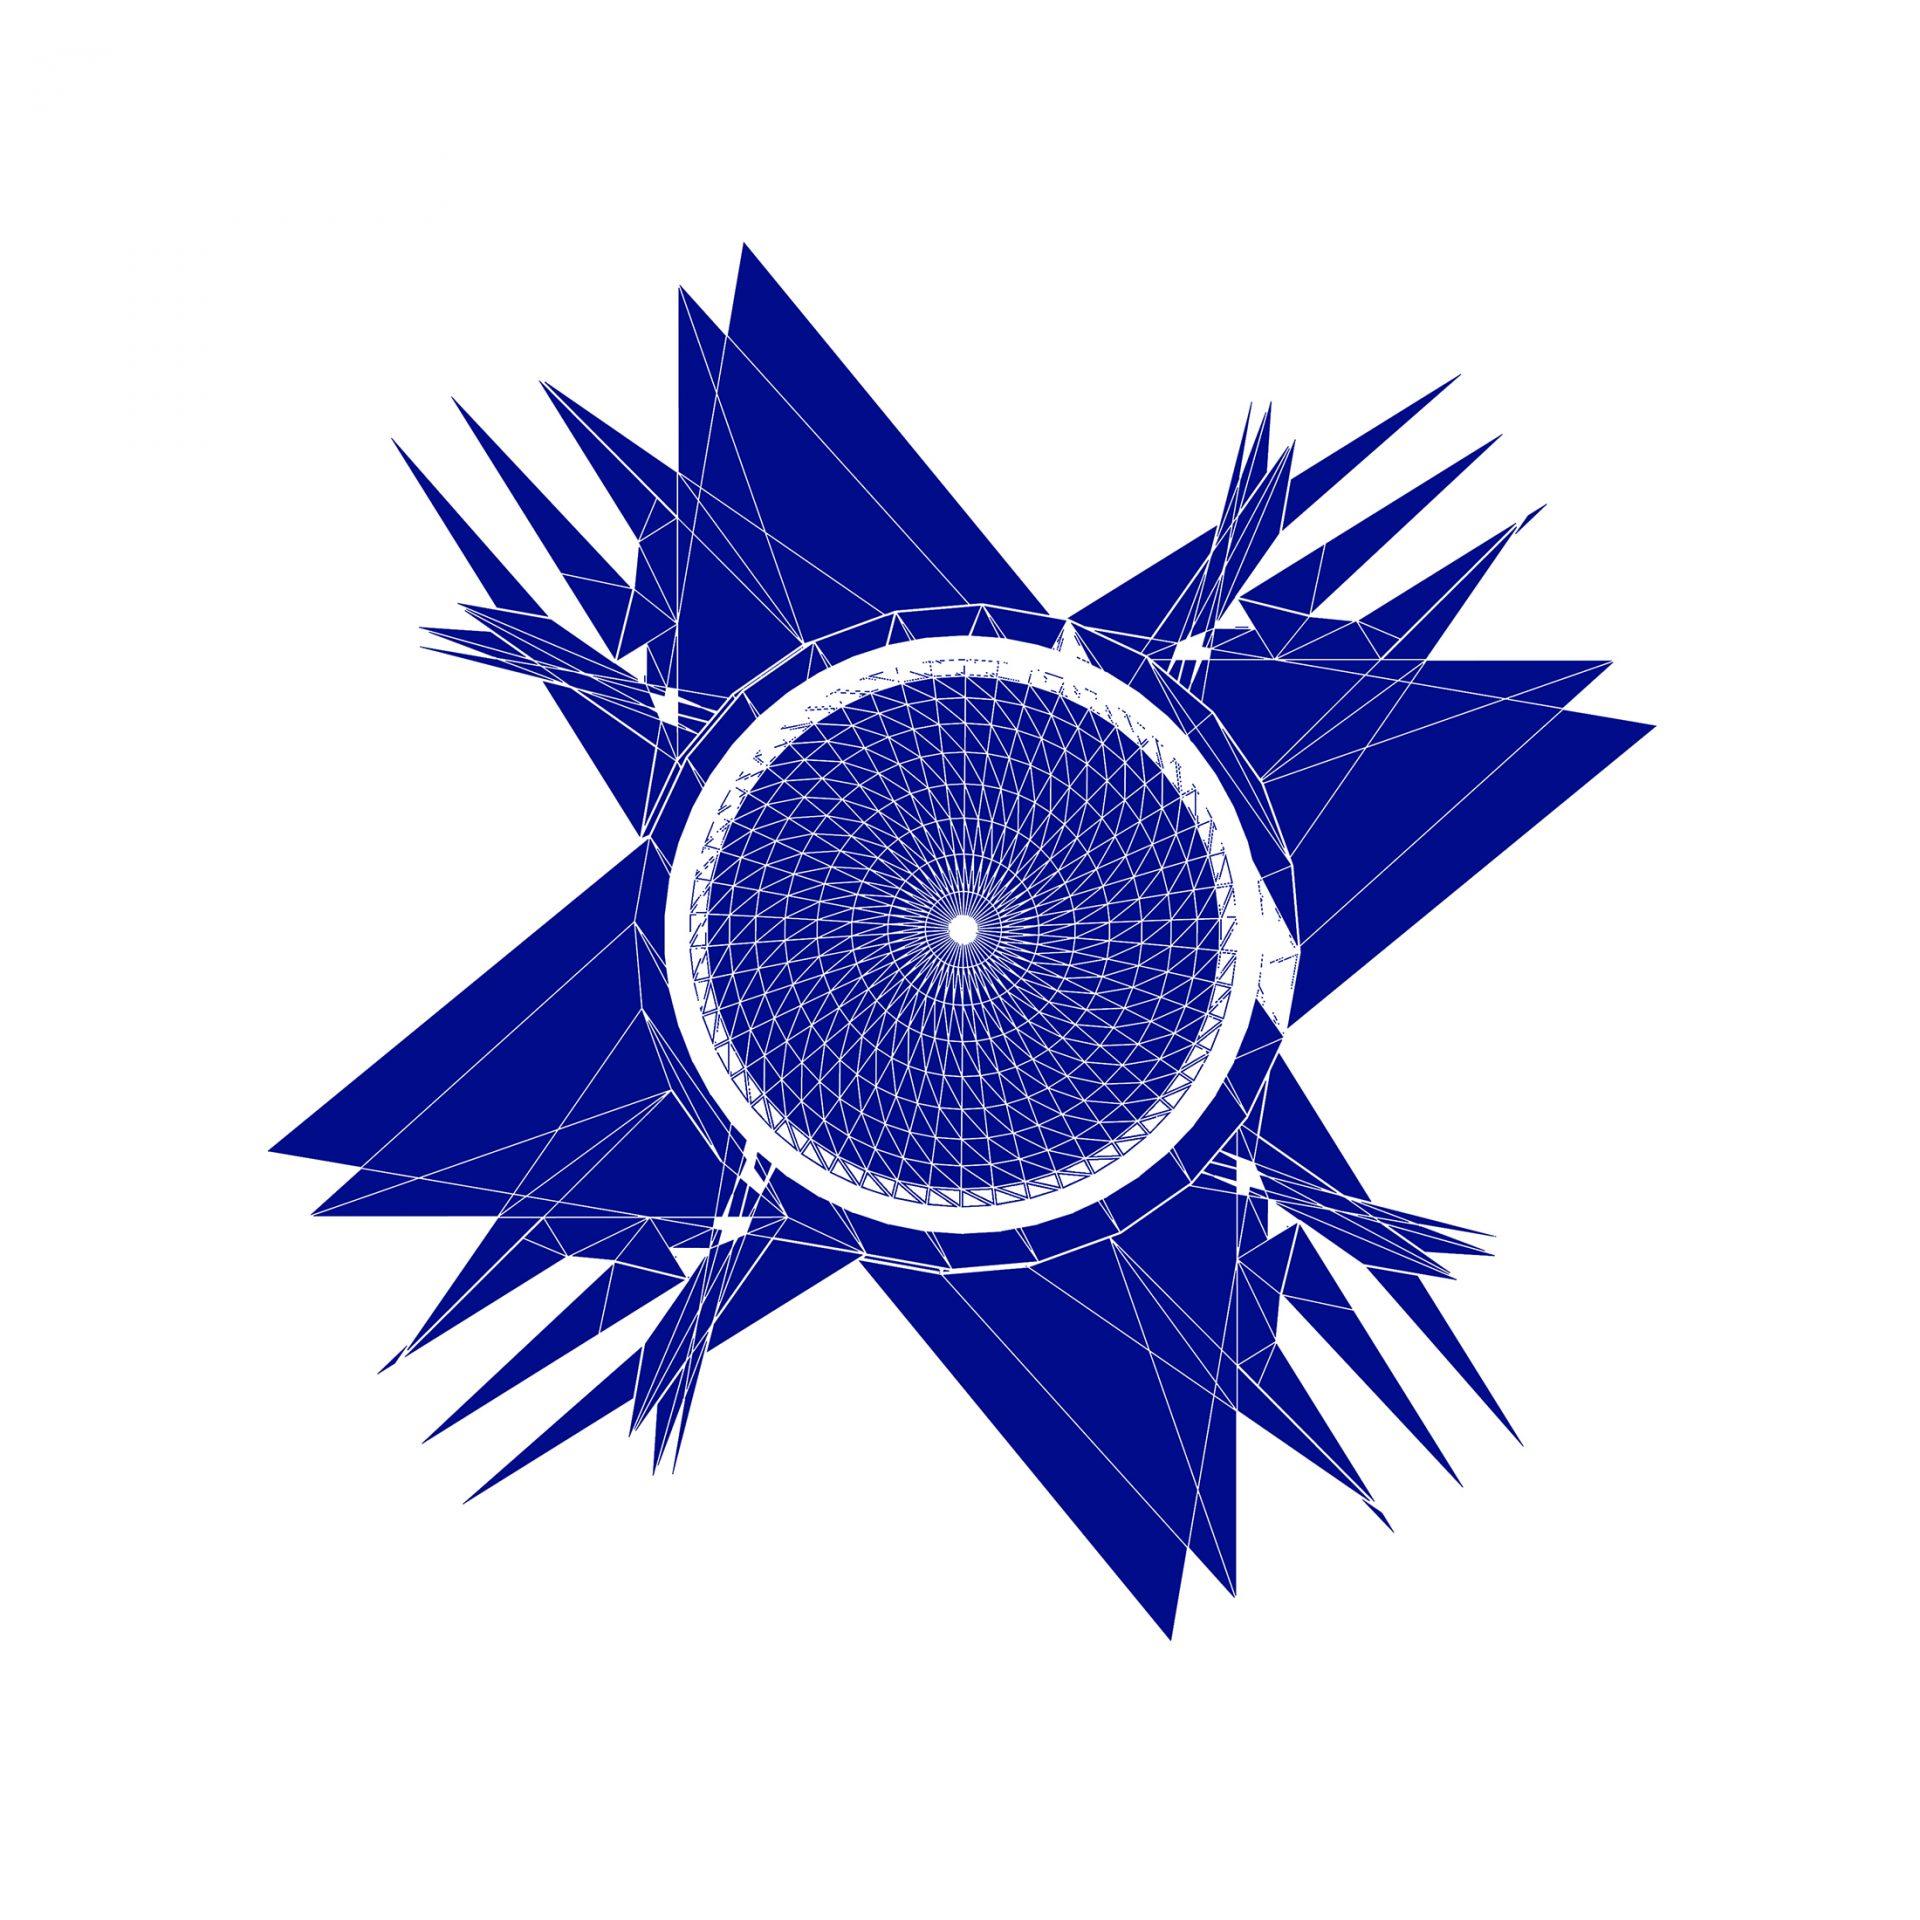 5-Kepler35b-central